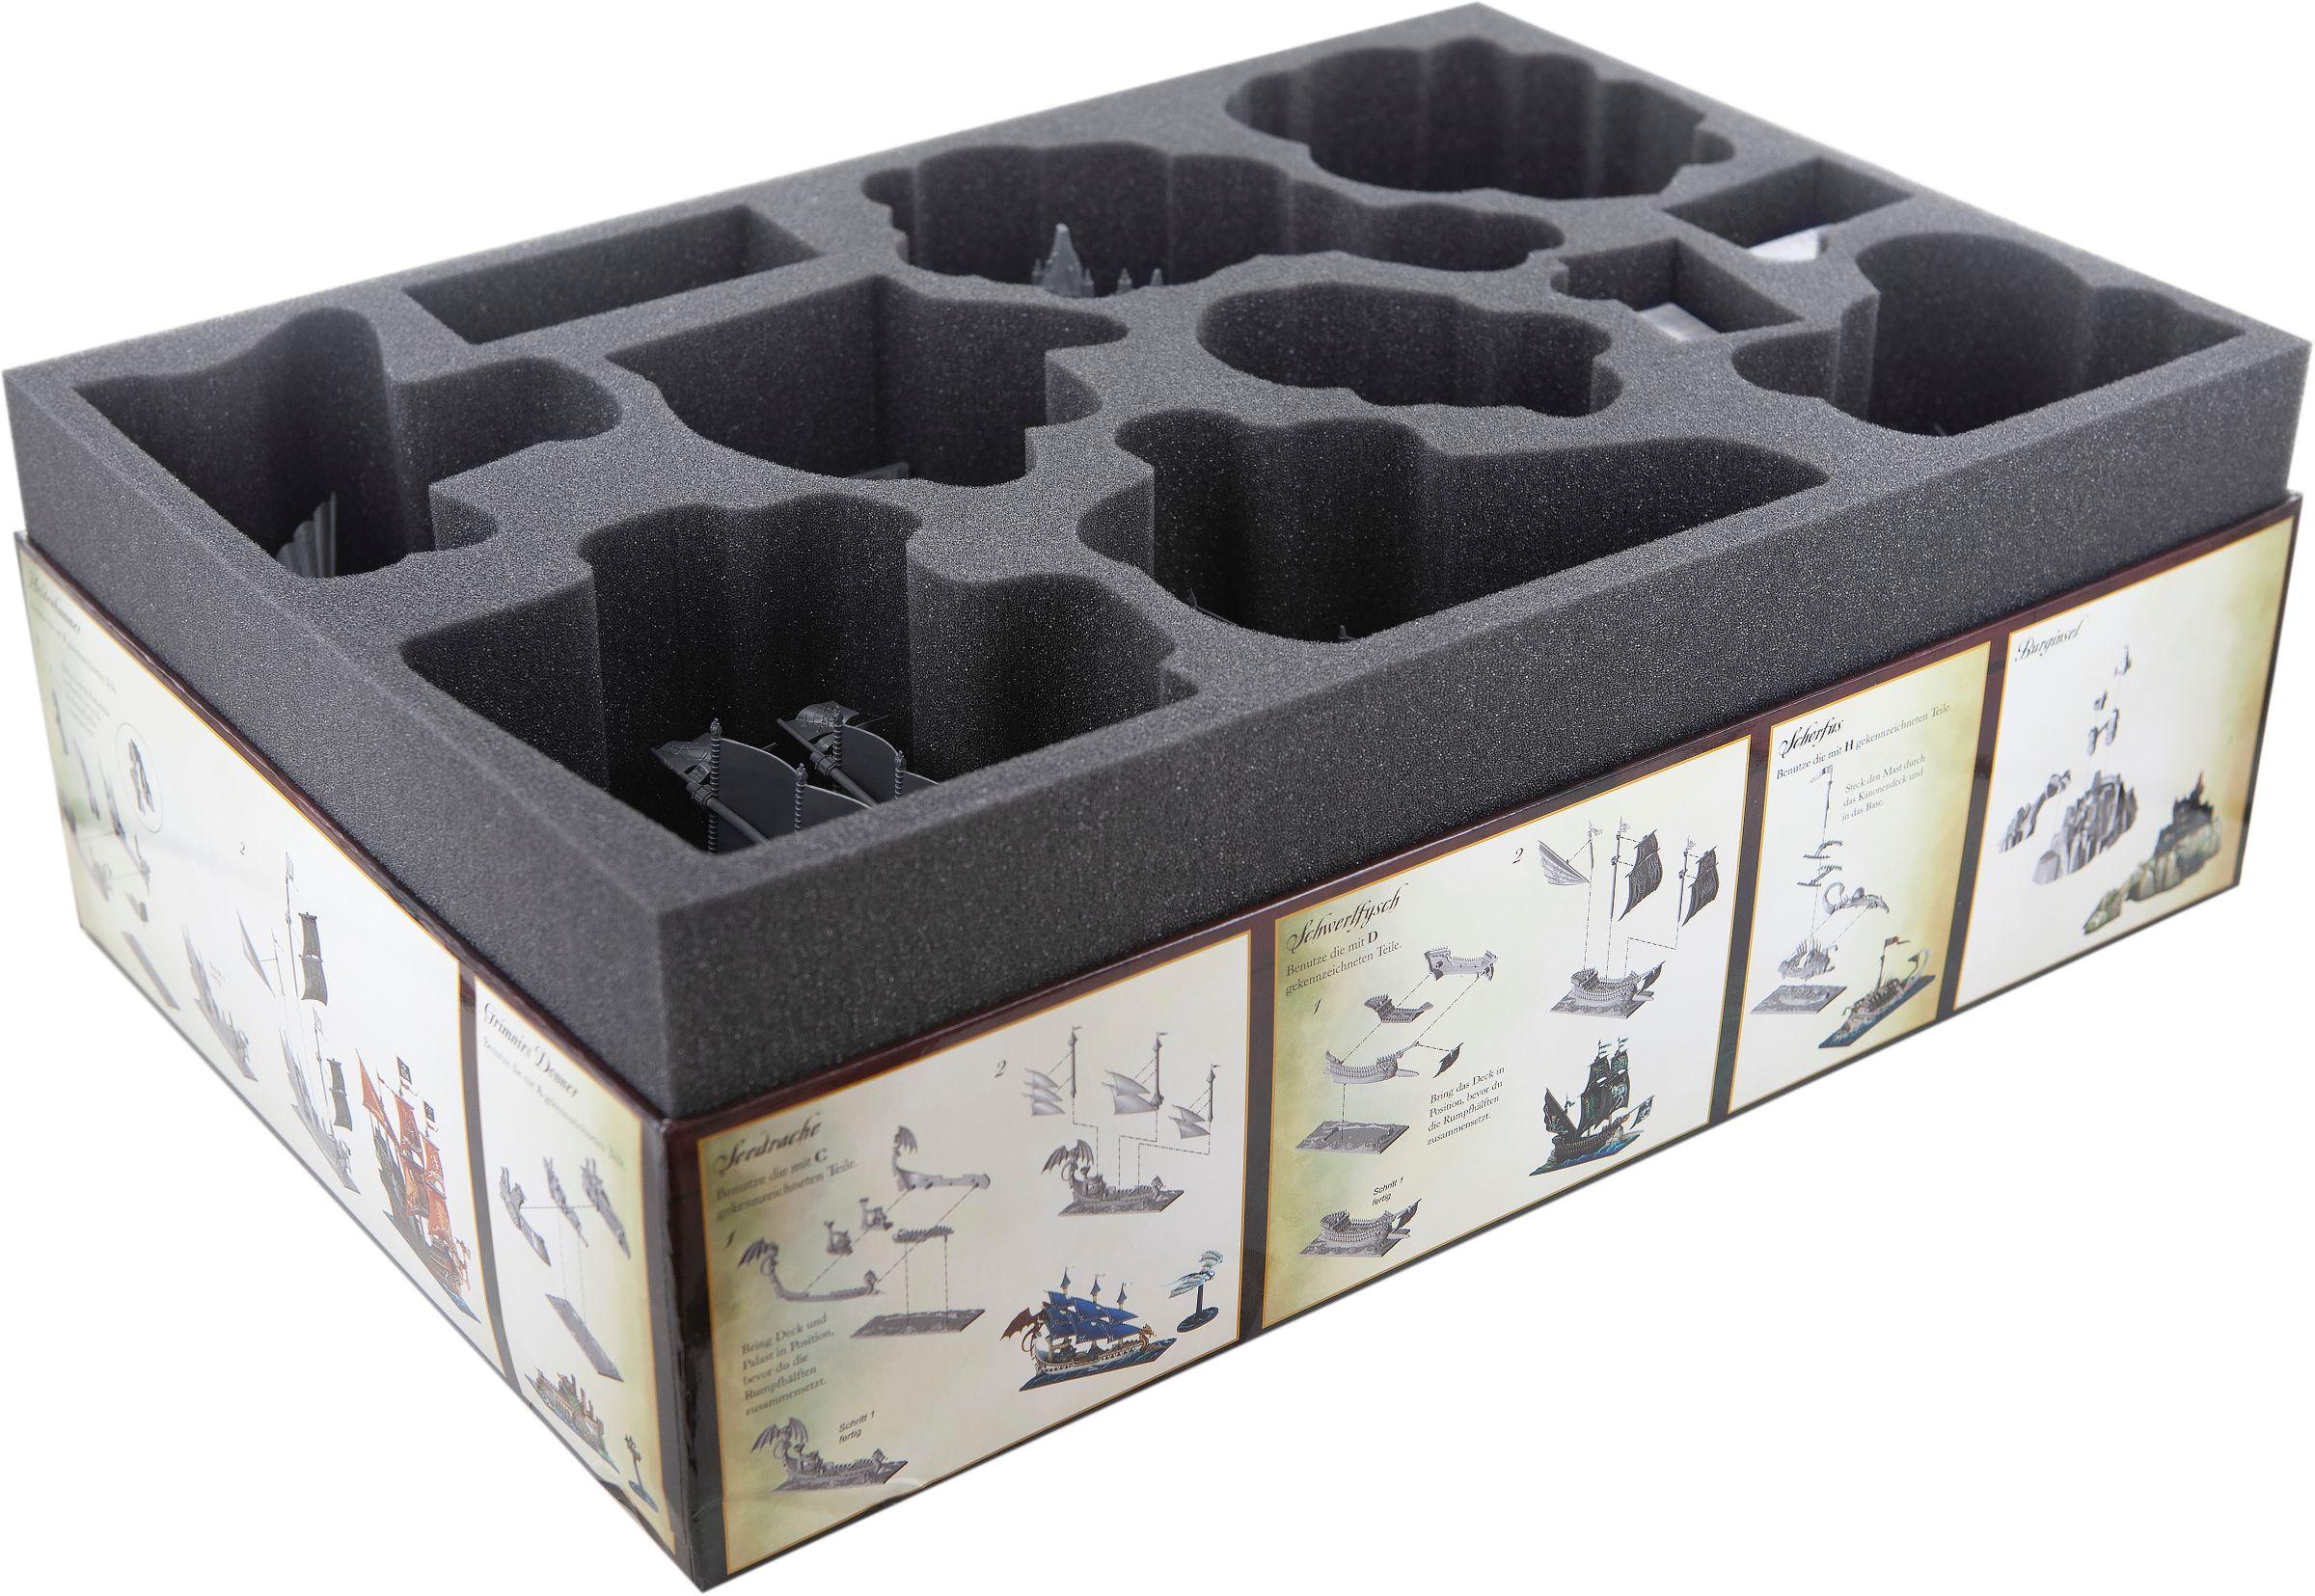 Feldherr foam tray set for Dreadfleet - board game box   Feldherr Worldwide